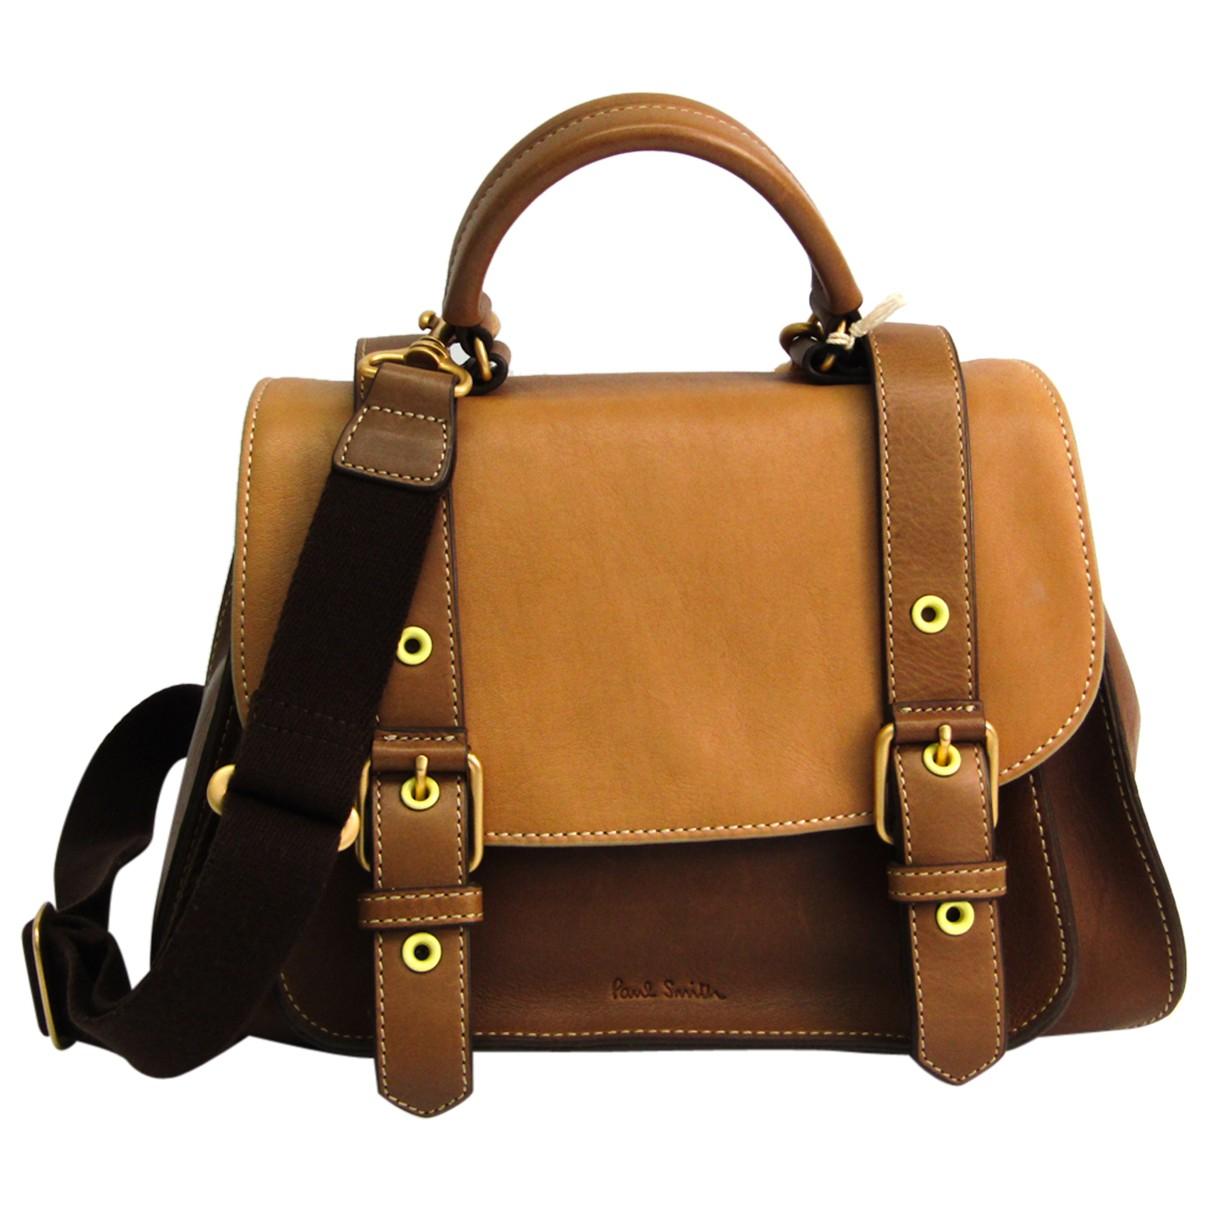 Paul Smith \N Handtasche in  Braun Leder